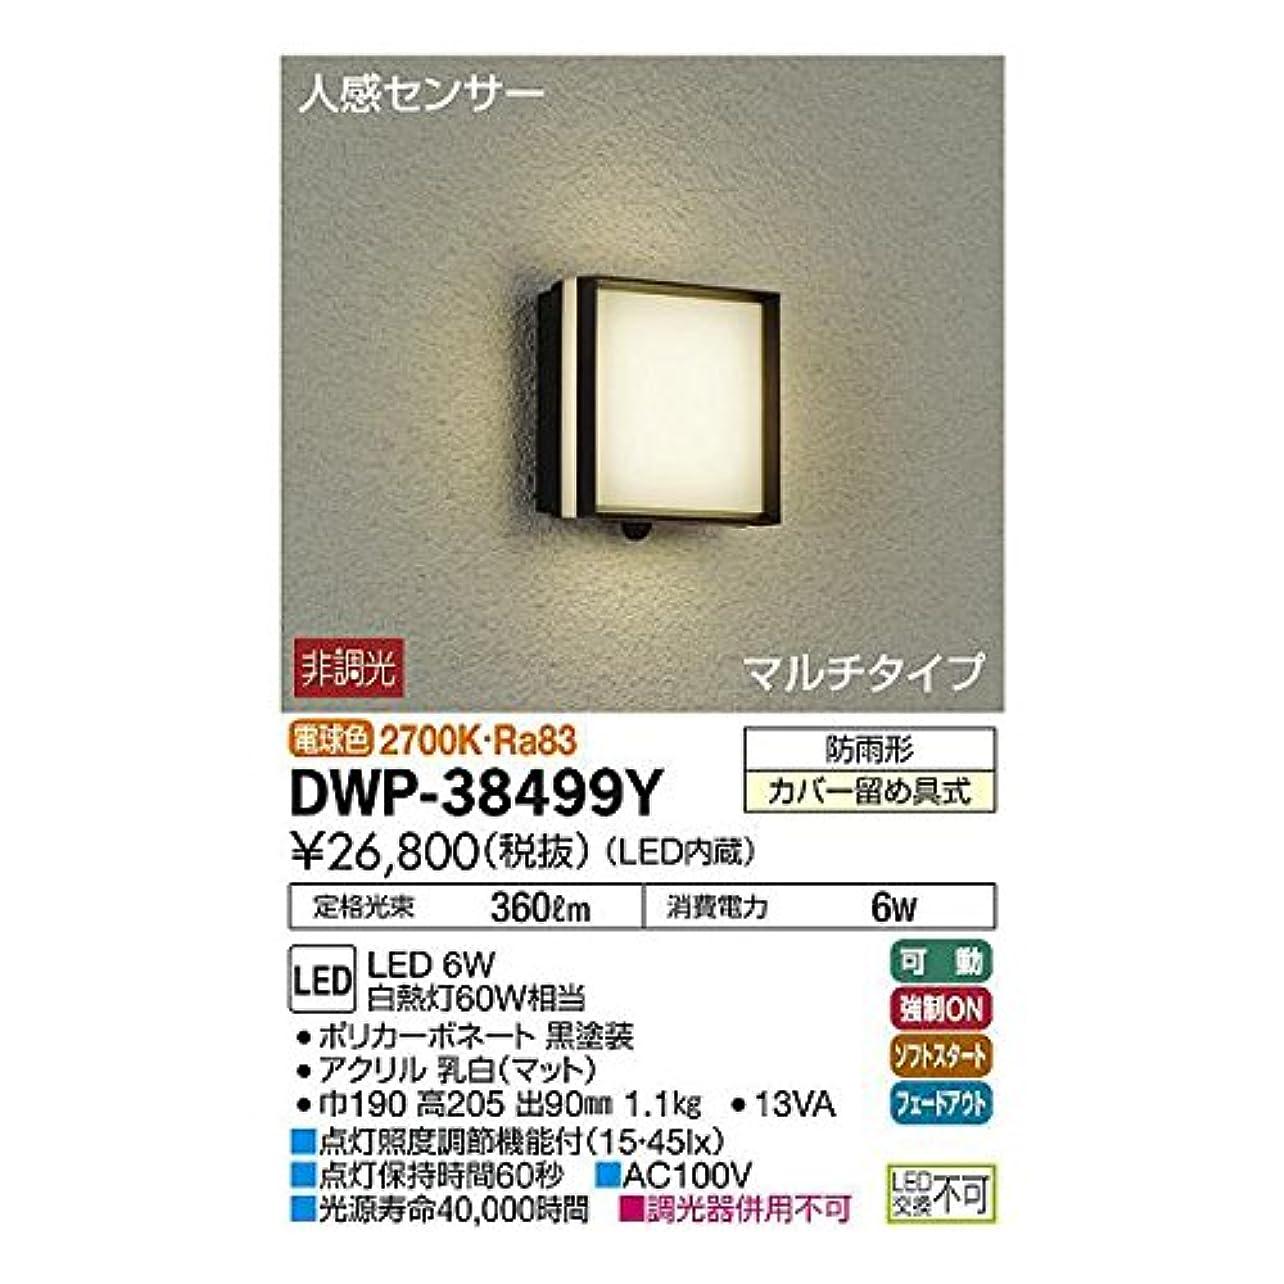 外交問題杭下線大光電機:人感センサー付アウトドアライト DWP-38499Y